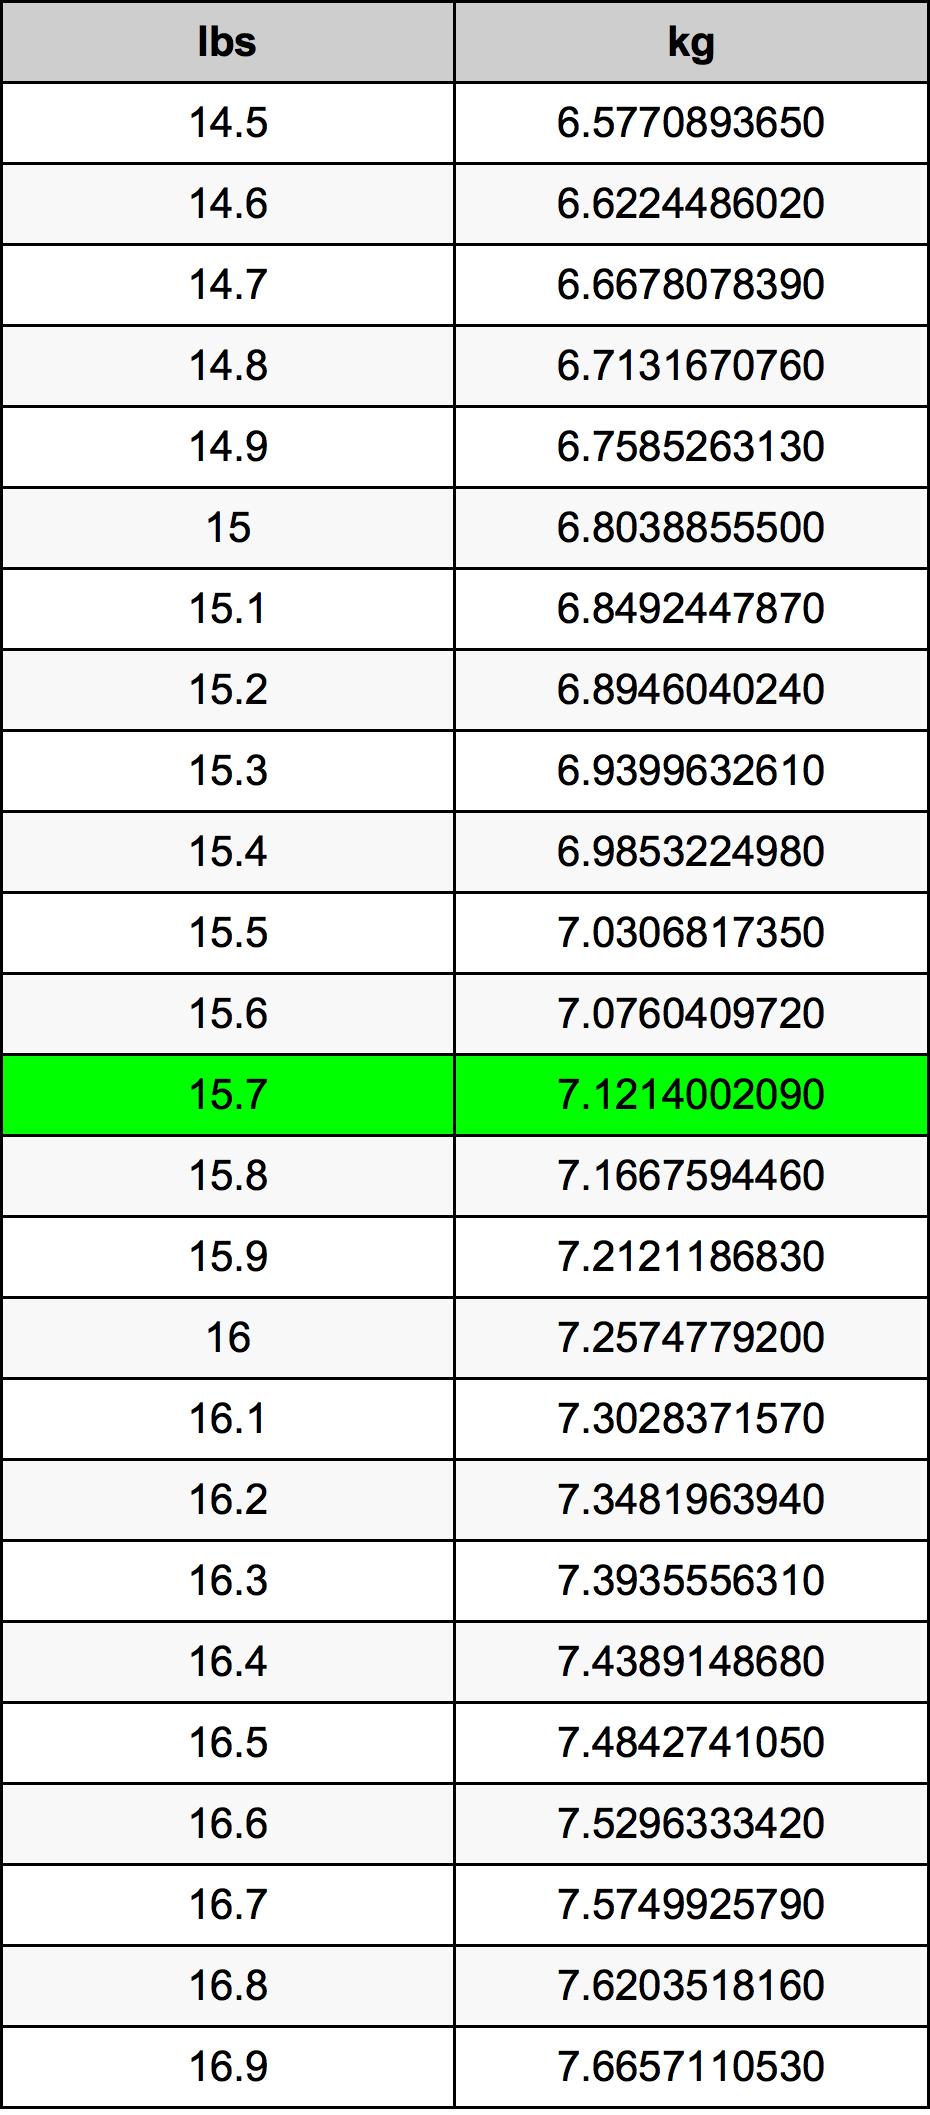 15.7 λίμπρα Πίνακας Μετατροπής